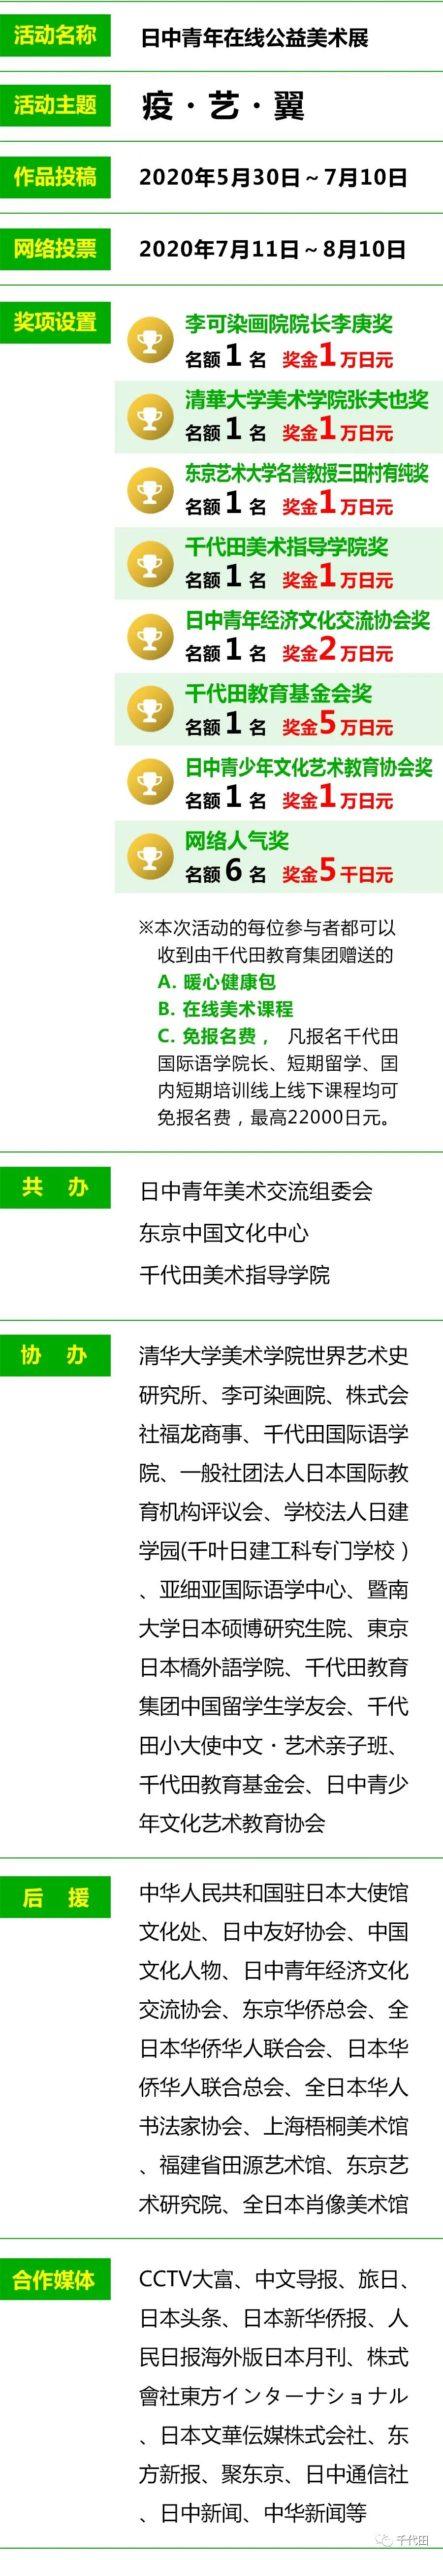 千代田新闻|倒计时第三天!疫·艺·翼 2020日中青年在线公益美术展 在线投票火热进行中!!!